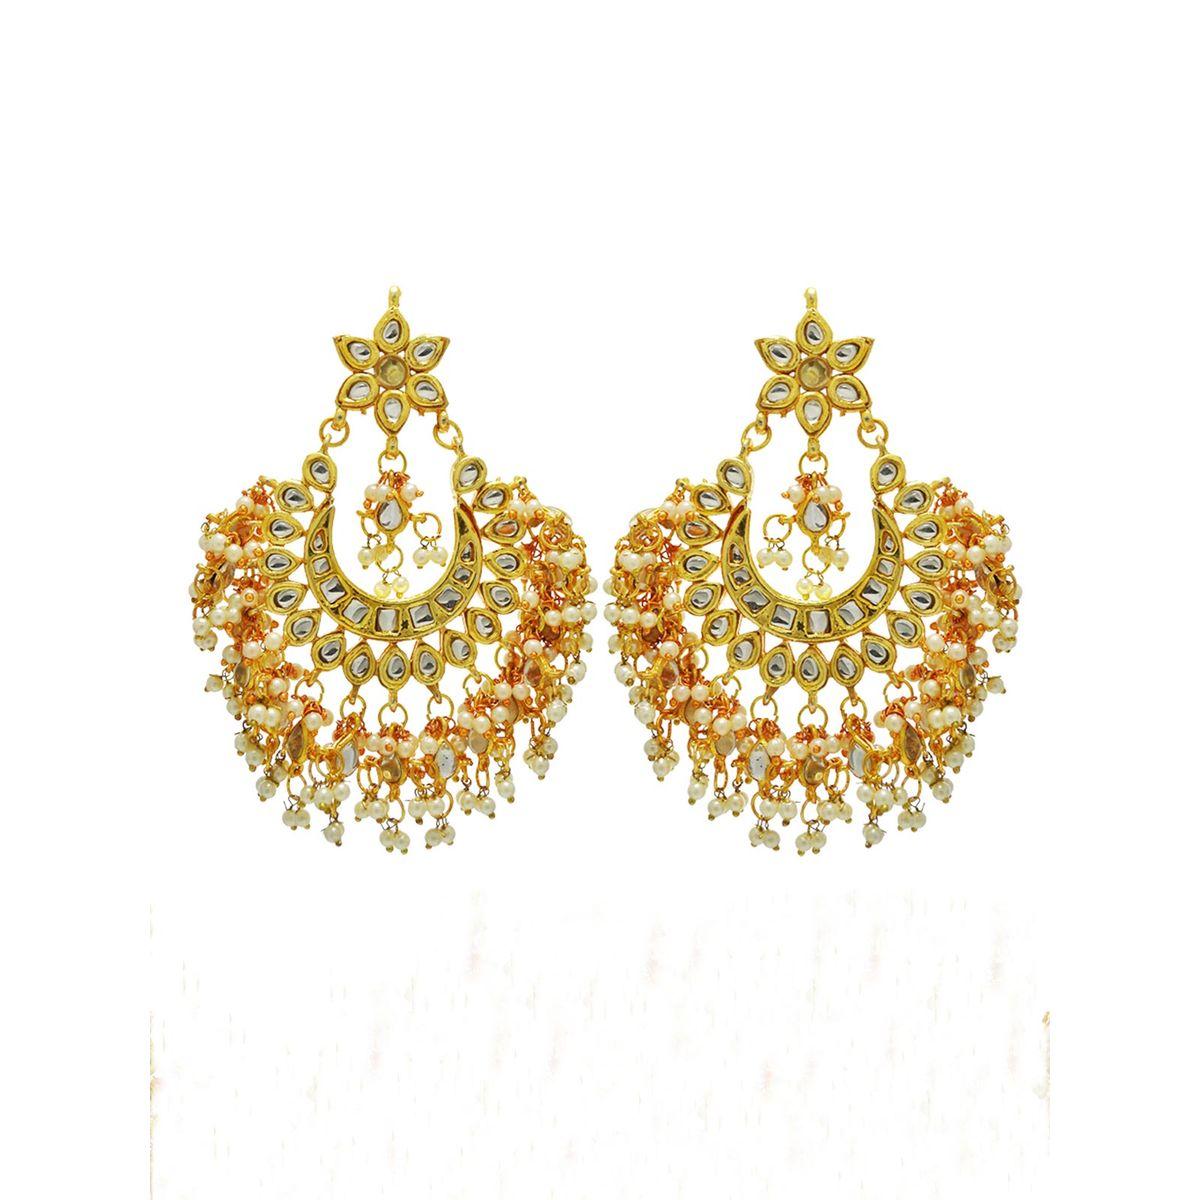 Kundan and Pearl Bridal Chandbali earrings